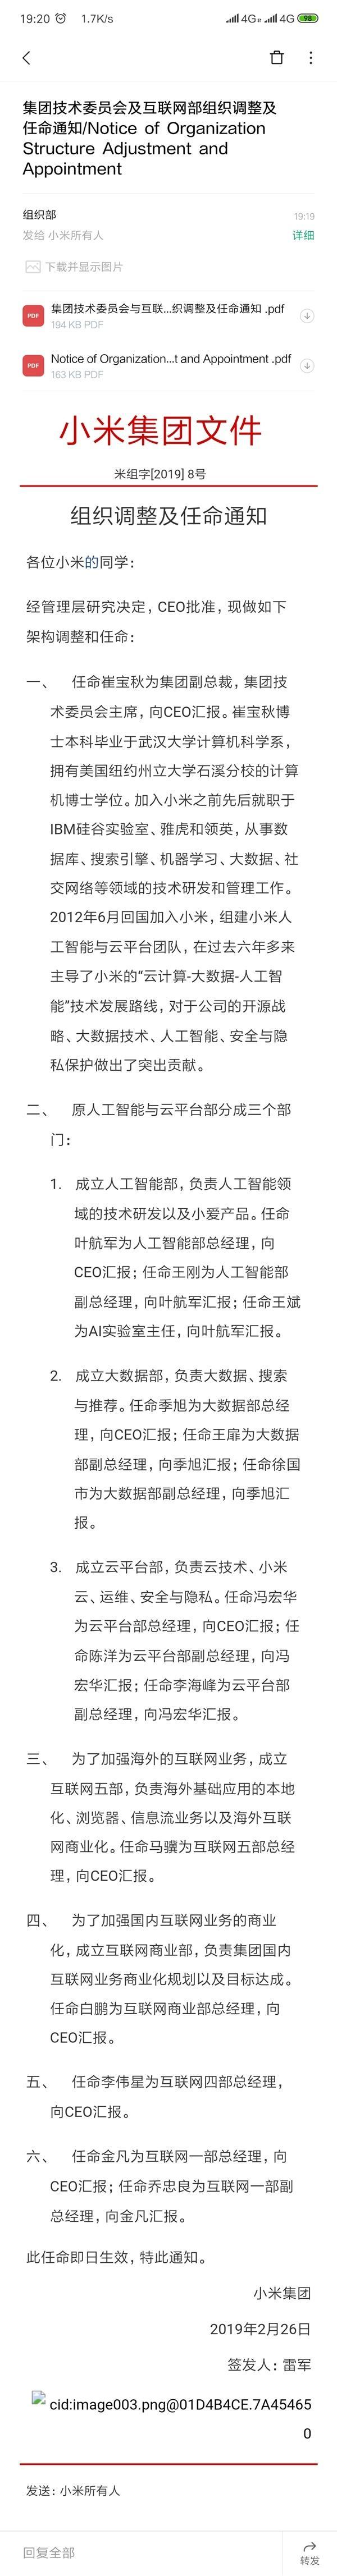 小米成立技术委员会是怎么回事?为什么小米成立技术委员会?